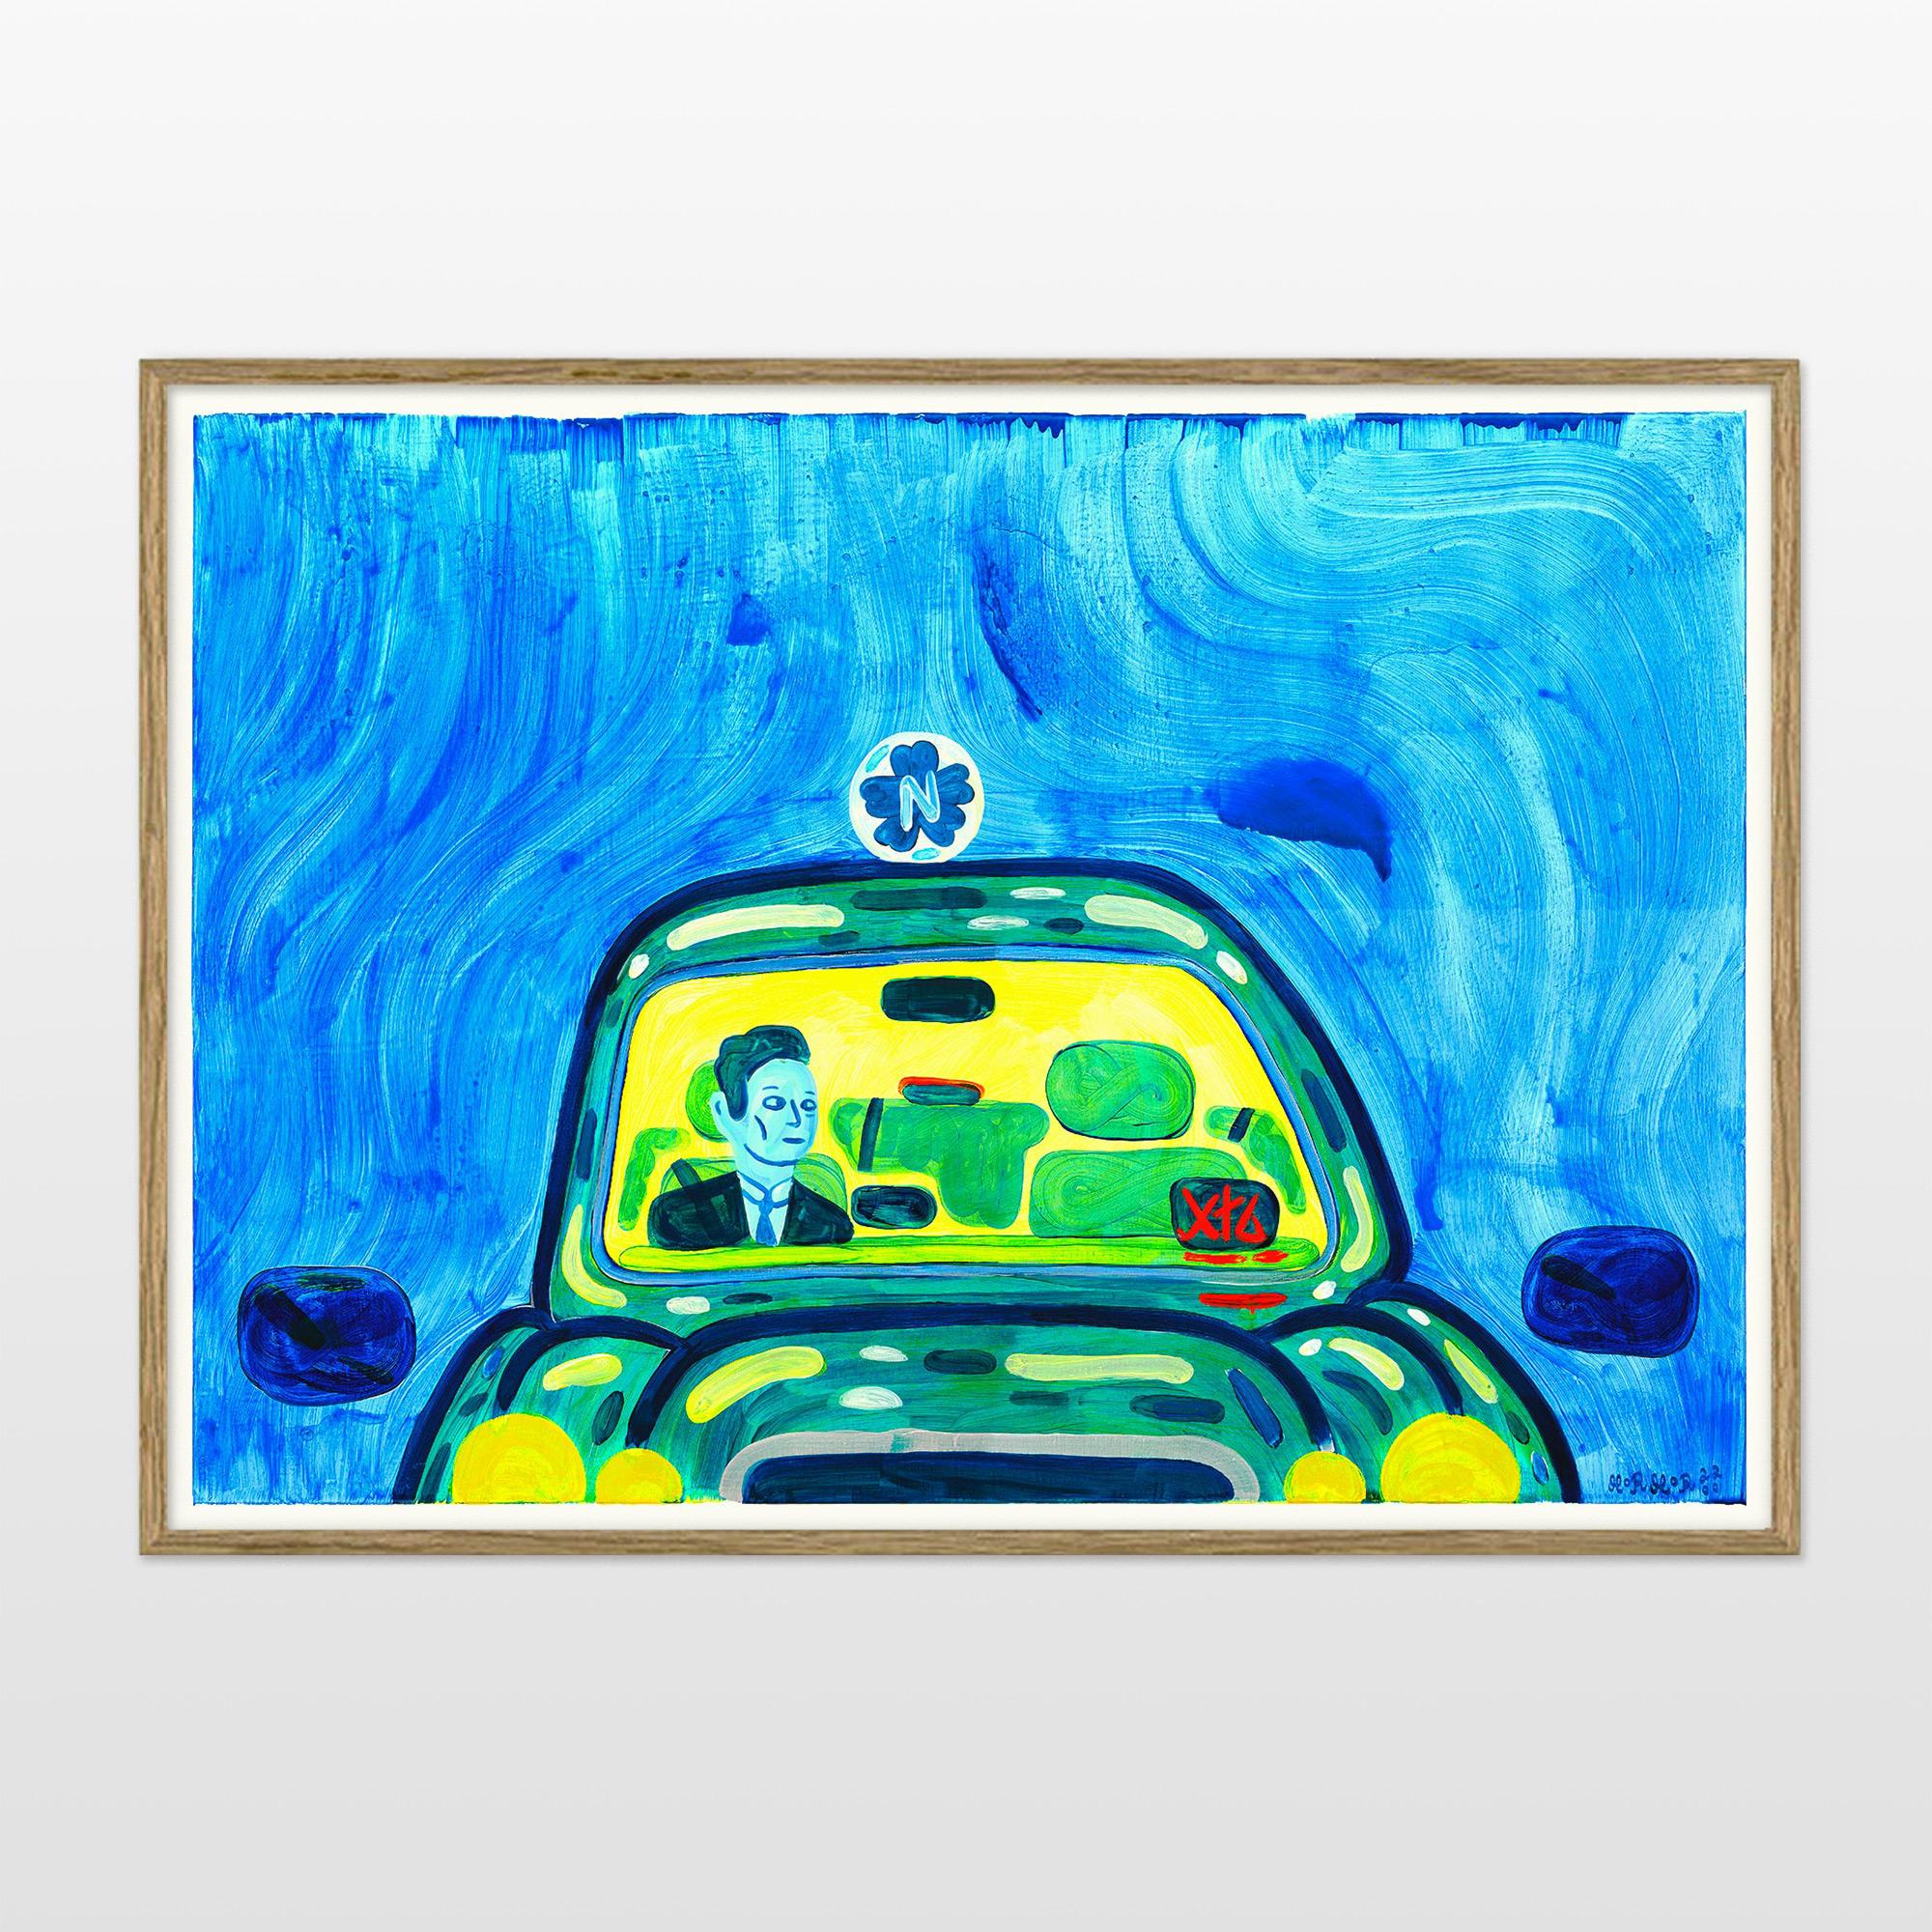 plakater-posters-kunsttryk, giclee-tryk, farverige, børnevenlige, figurative, grafiske, pop, kroppe, tegneserier, hverdagsliv, bevægelse, mennesker, transportmidler, blå, grønne, turkise, gule, blæk, papir, sjove, biler, samtidskunst, dansk, dekorative, design, interiør, bolig-indretning, moderne, moderne-kunst, nordisk, plakater, tryk, skandinavisk, Køb original kunst og kunstplakater. Malerier, tegninger, limited edition kunsttryk & plakater af dygtige kunstnere.